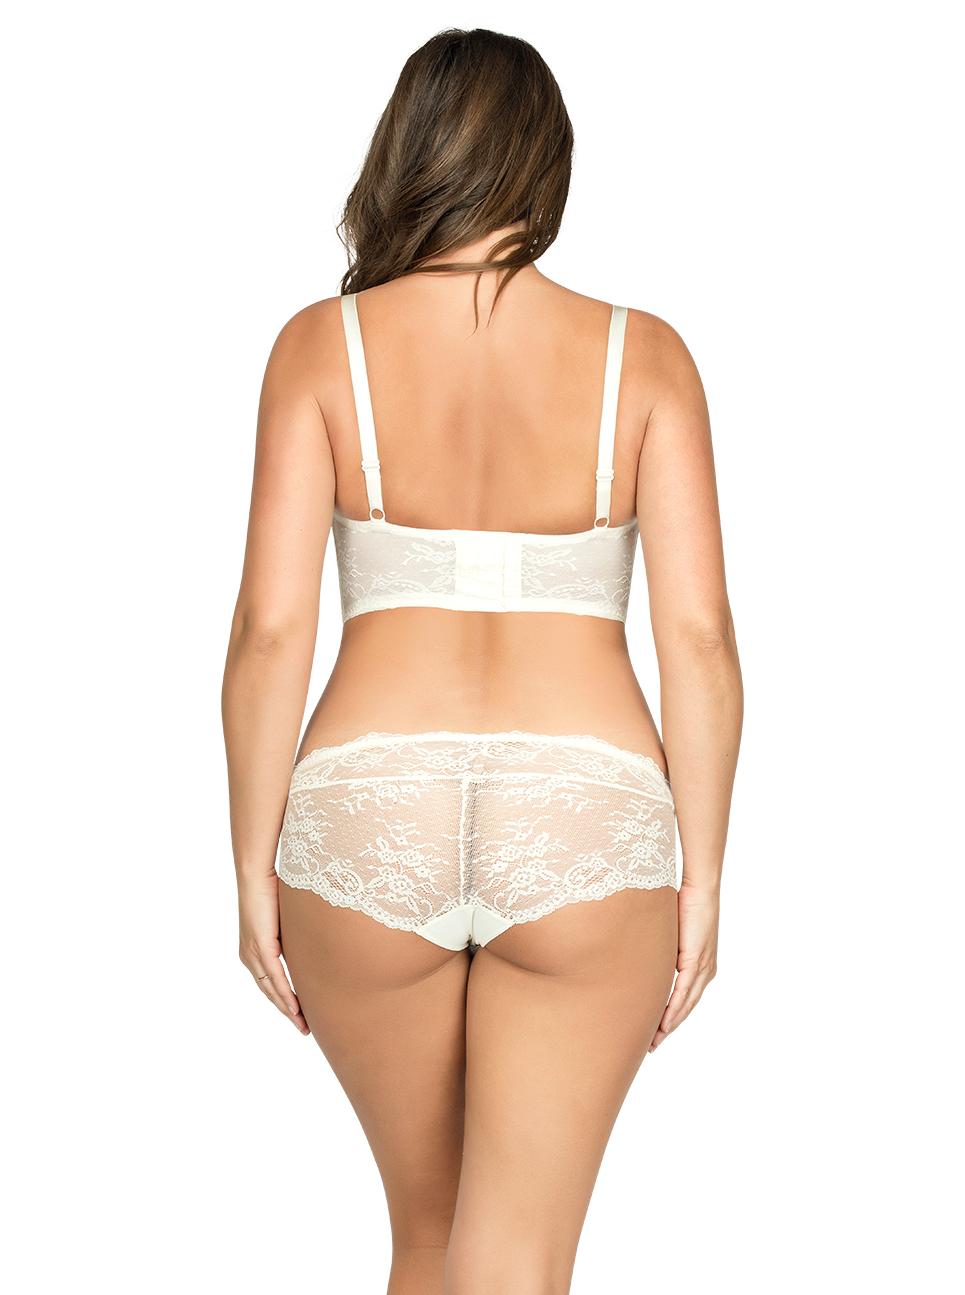 PARFAIT Sandrine PlungeLonglineBraP5351 HipsterP5355 Ivory Back - Sandrine Plunge Longline Bra - Ivory - P5351